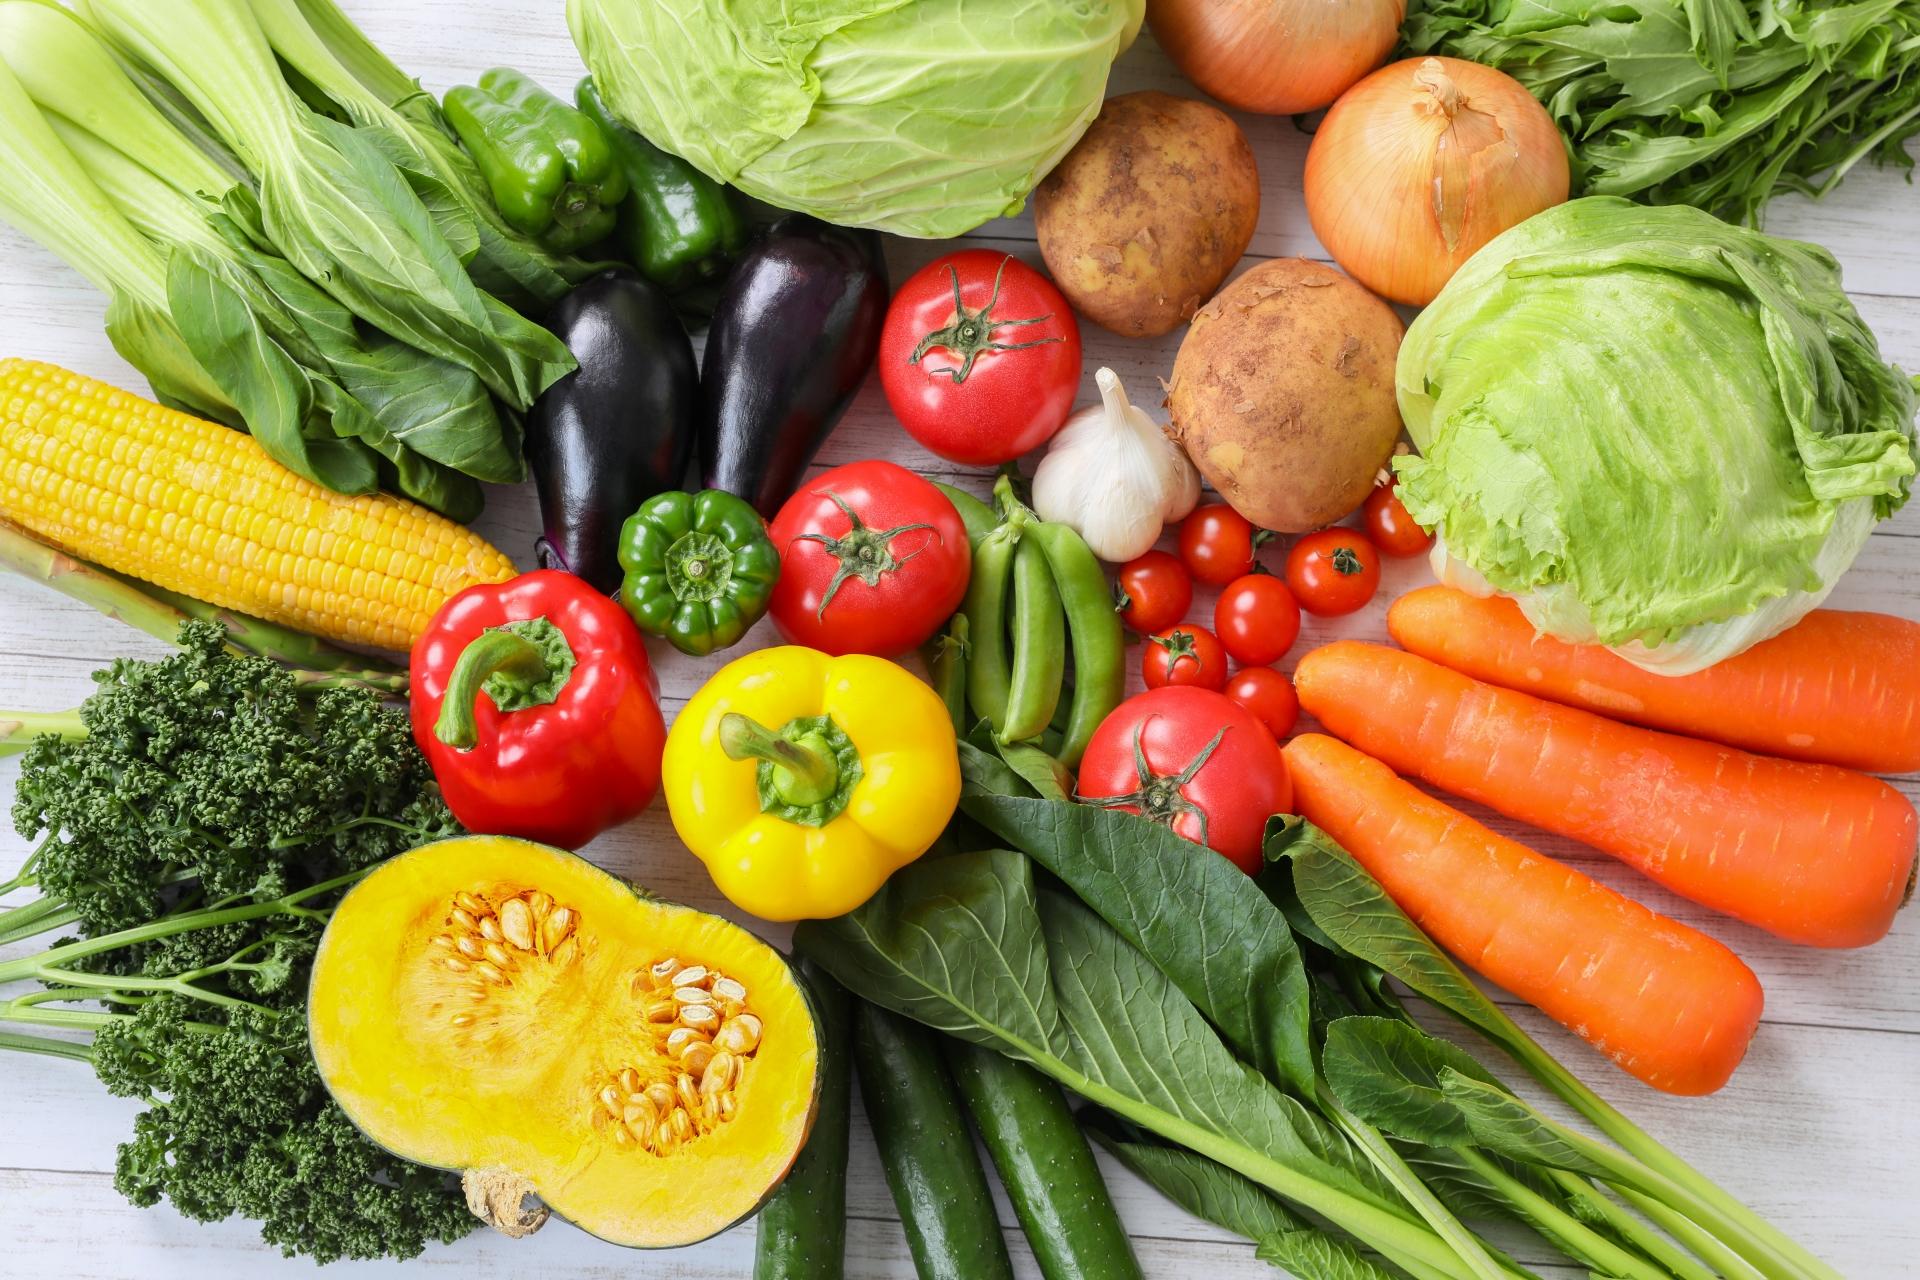 「冷蔵庫に入れるだけ」はNG?夏野菜の保存方法&便利グッズを紹介します